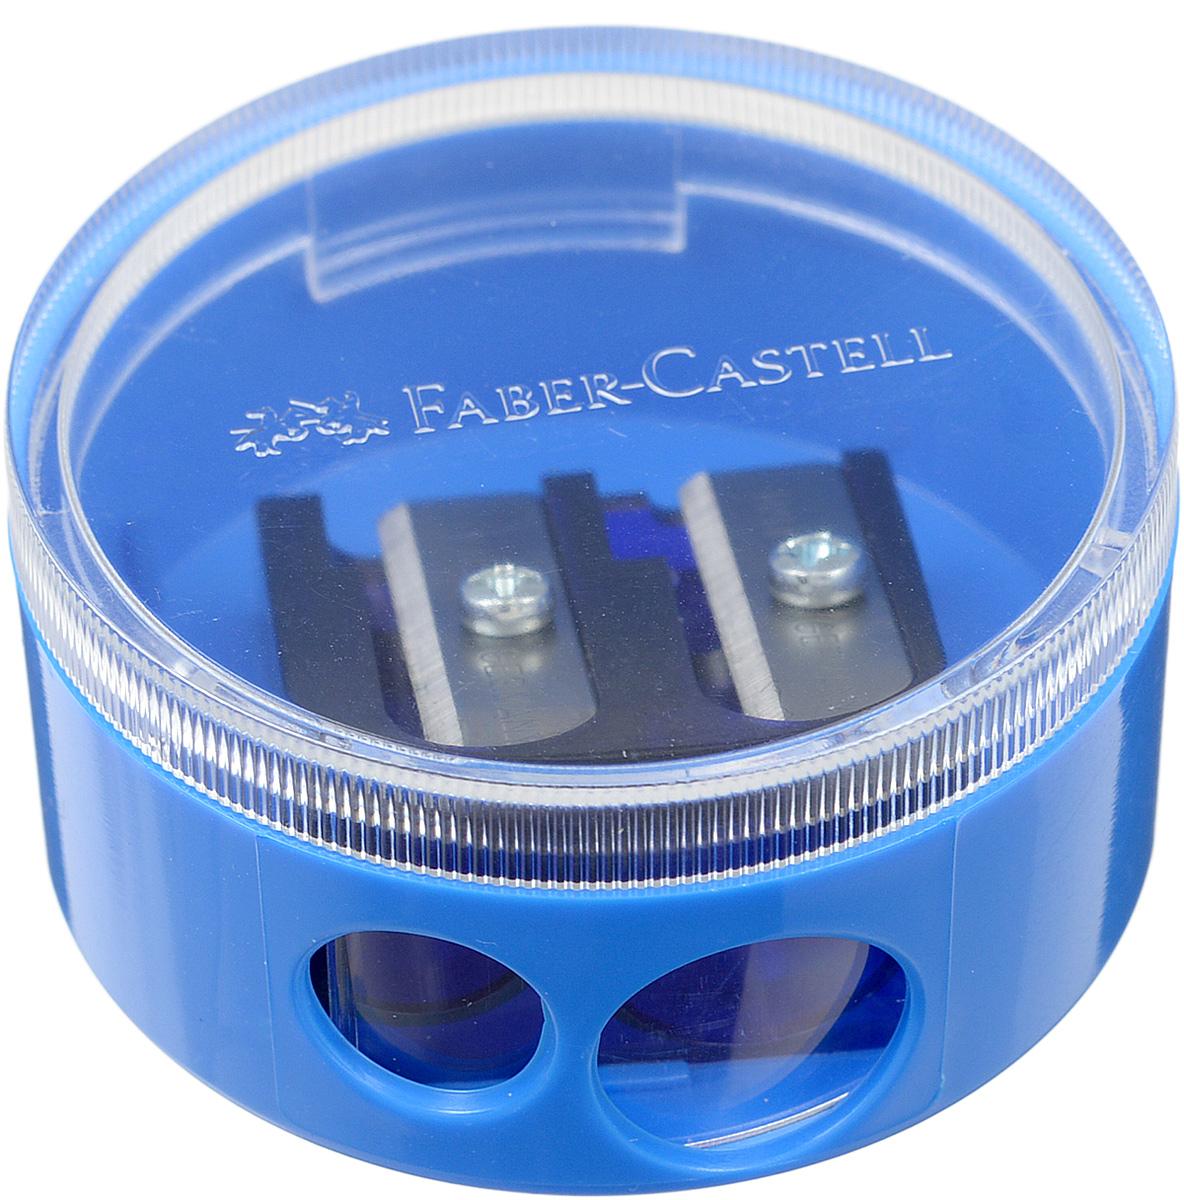 Faber-Castell Точилка двойная цвет голубой185418_голубойТочилка с двумя отверстиями Faber-Castell предназначена для затачивания всех типов карандашей.Благодаря прозрачной крышке можно определить уровень заполнения и вовремя произвести очистку. Острые стальные лезвия обеспечивают высококачественную и точную заточку деревянных карандашей.